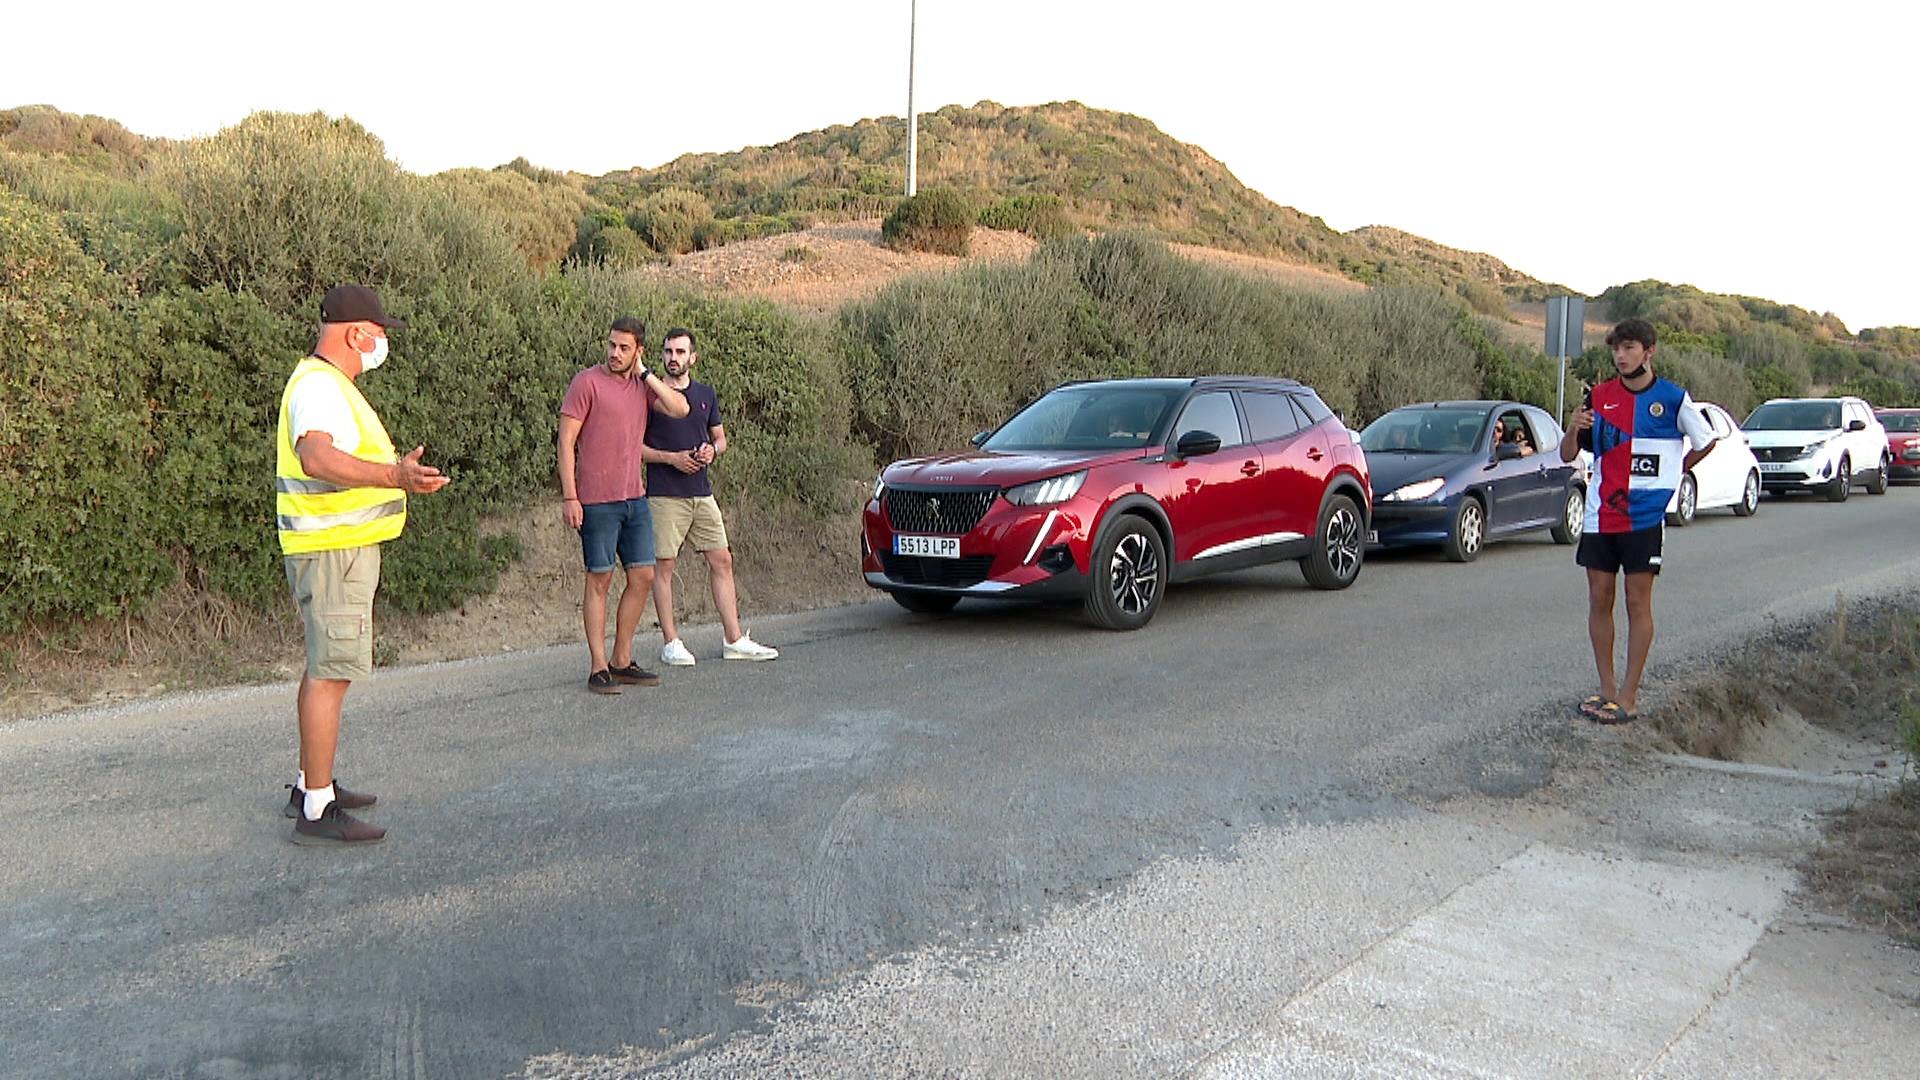 El+caos+de+cotxes+a+la+posta+de+sol+del+far+de+Cavalleria+obliga+a+tallar+el+cam%C3%AD+al+tr%C3%A0nsit